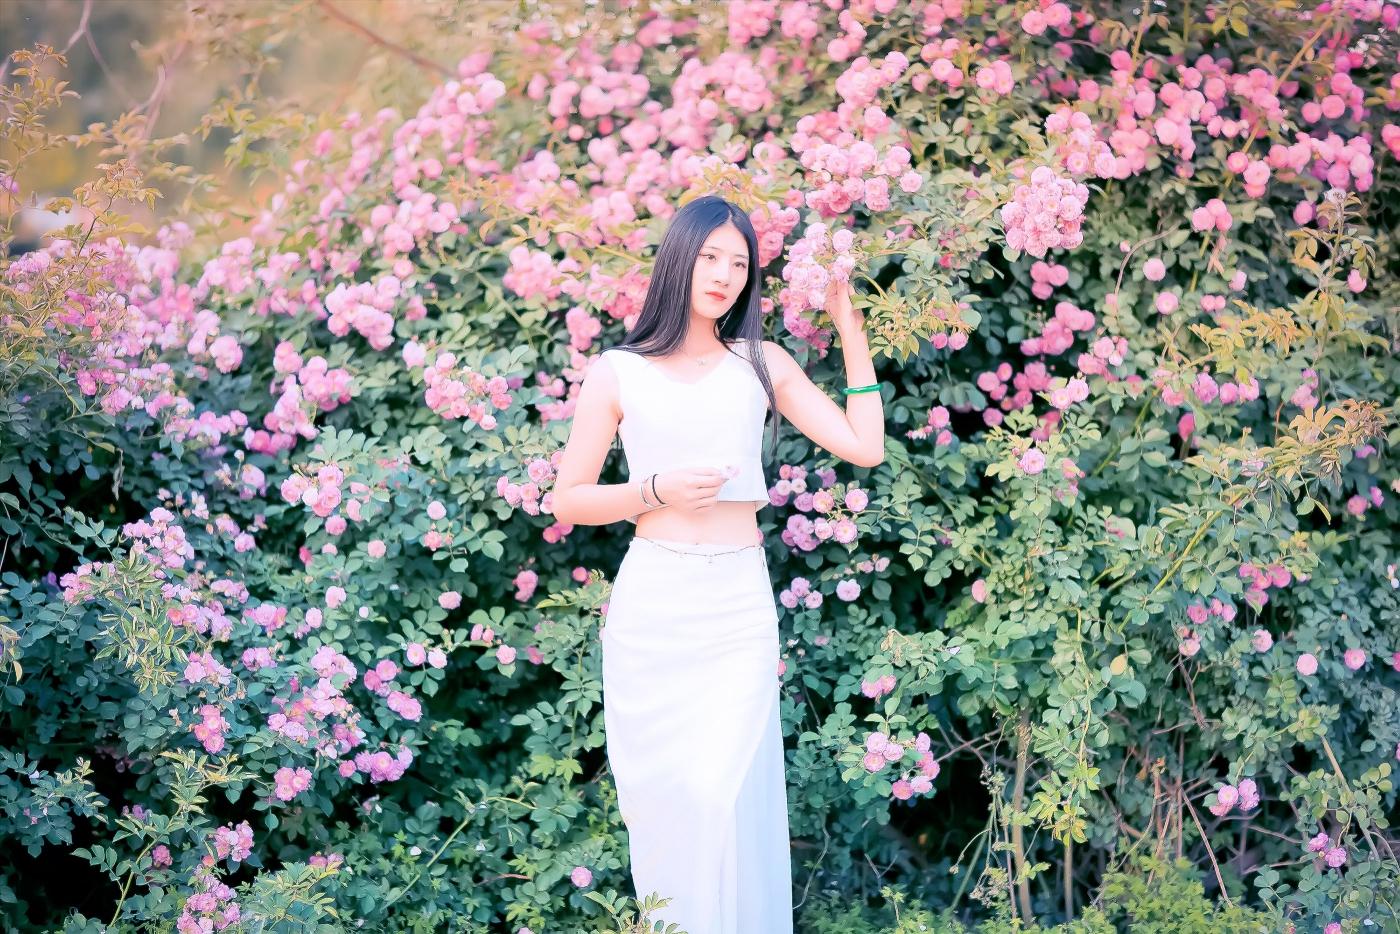 临沂大学有这么一道美丽的蔷薇长廊 当蔷薇MM王璐在她面前走过 ..._图1-17